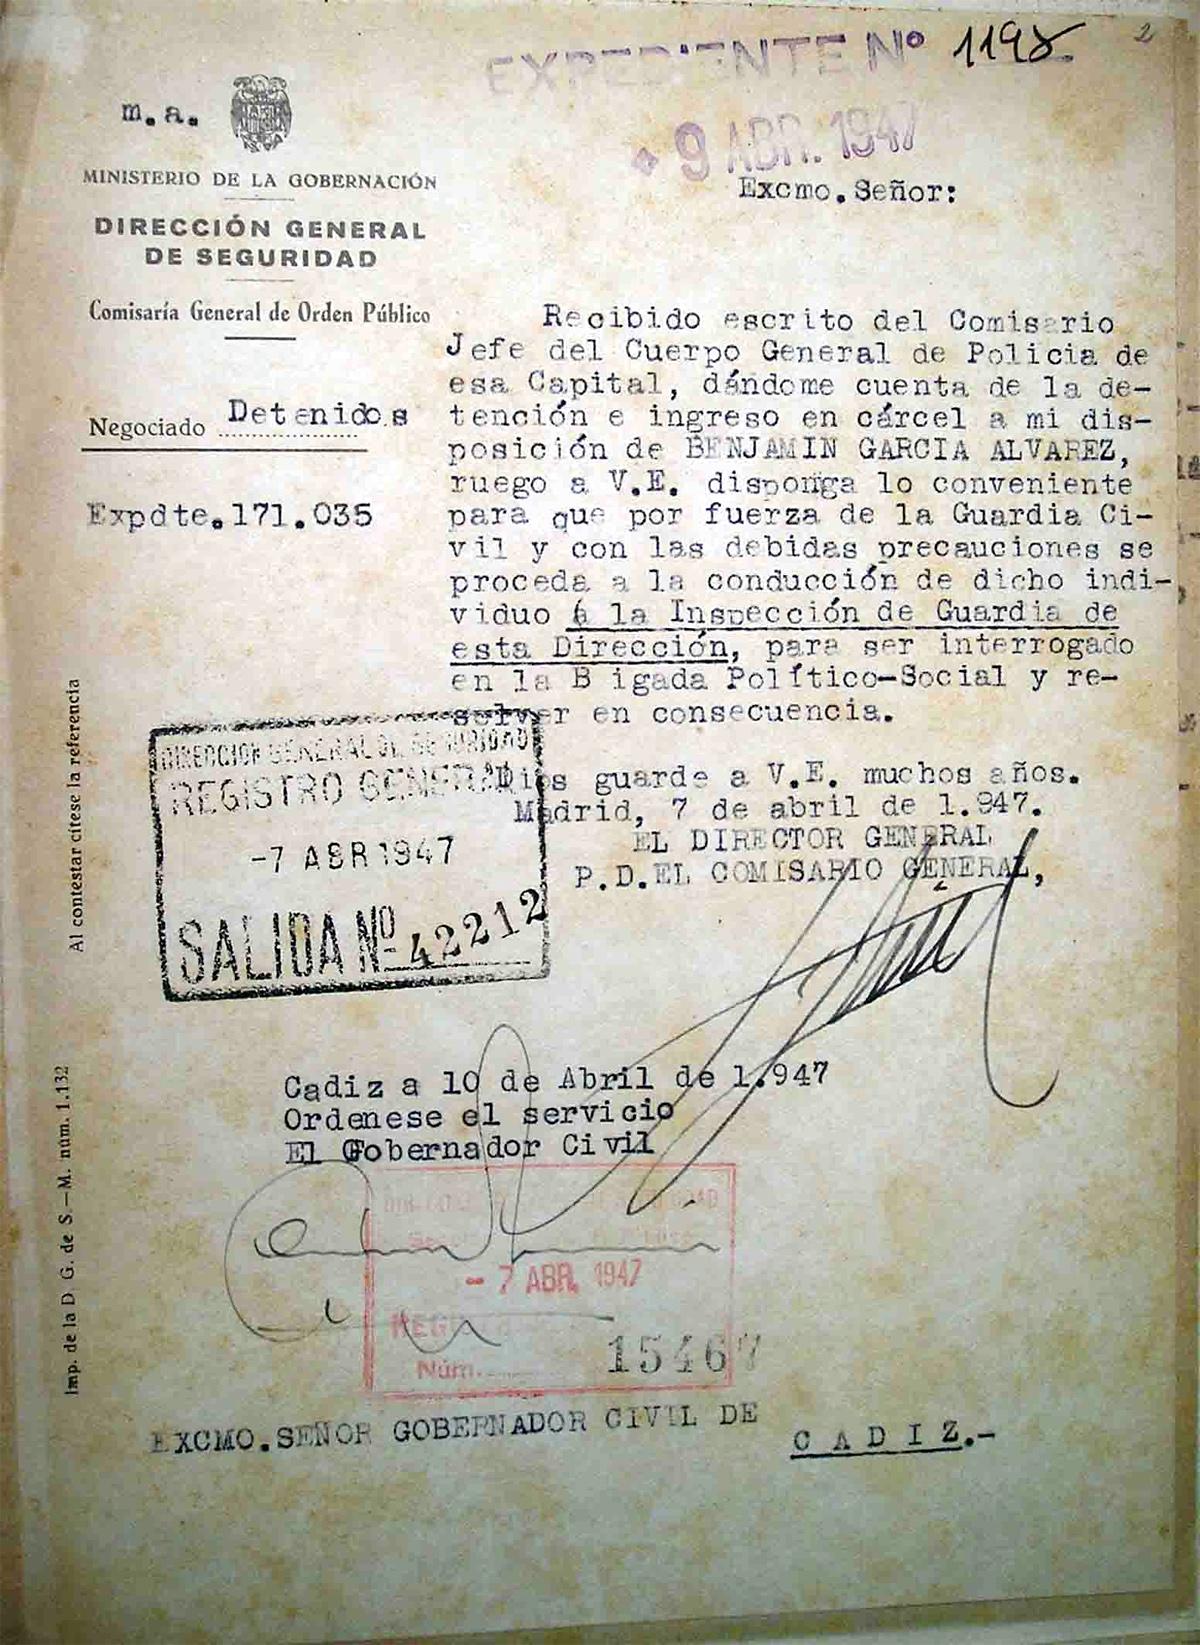 Escrito de la Dirección General de Seguridad solicitando la entrega del detenido Benjamín García Álvarez